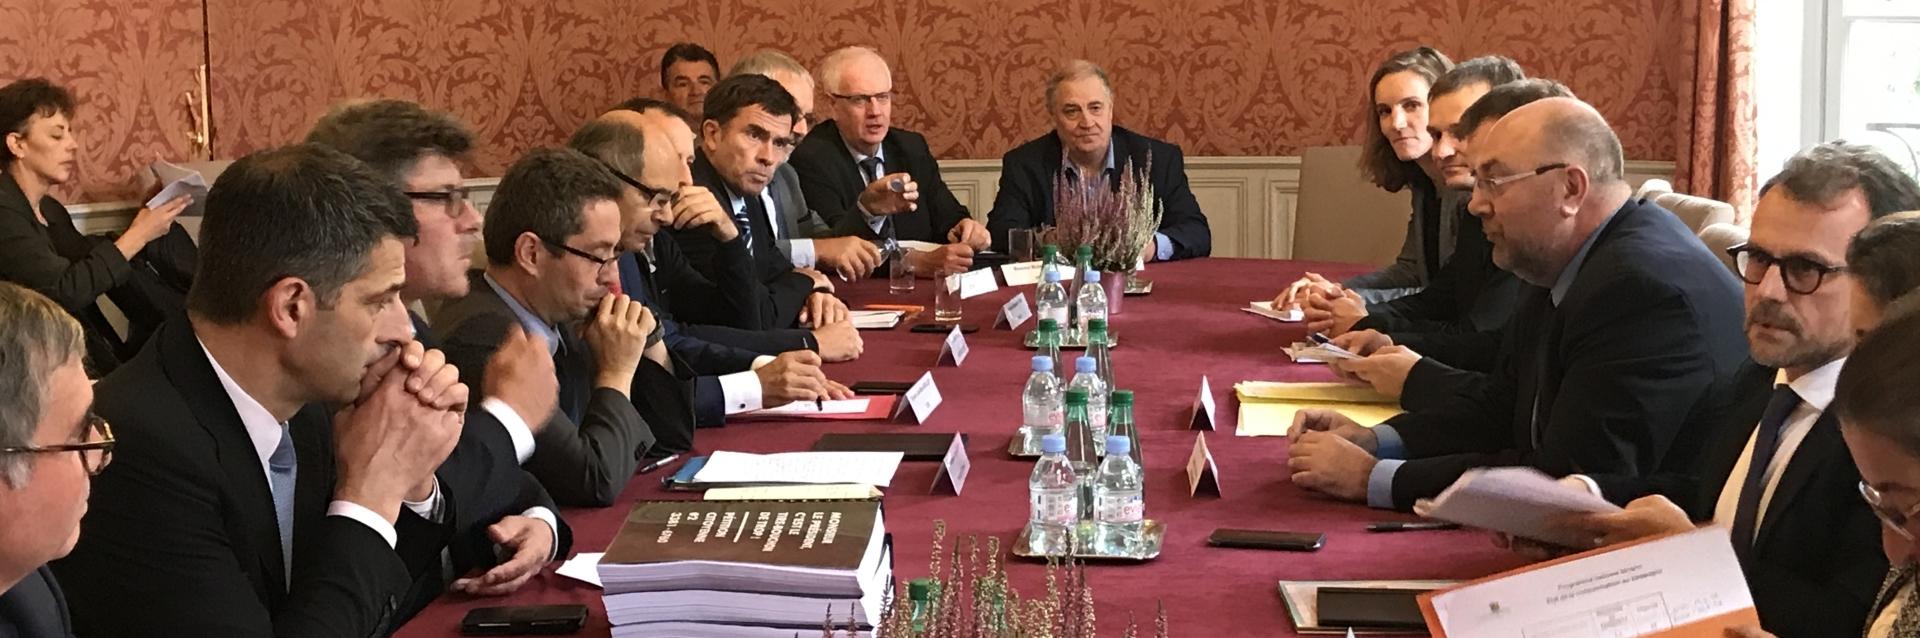 Rencontre filiere ministre letirebouchondetrop 2